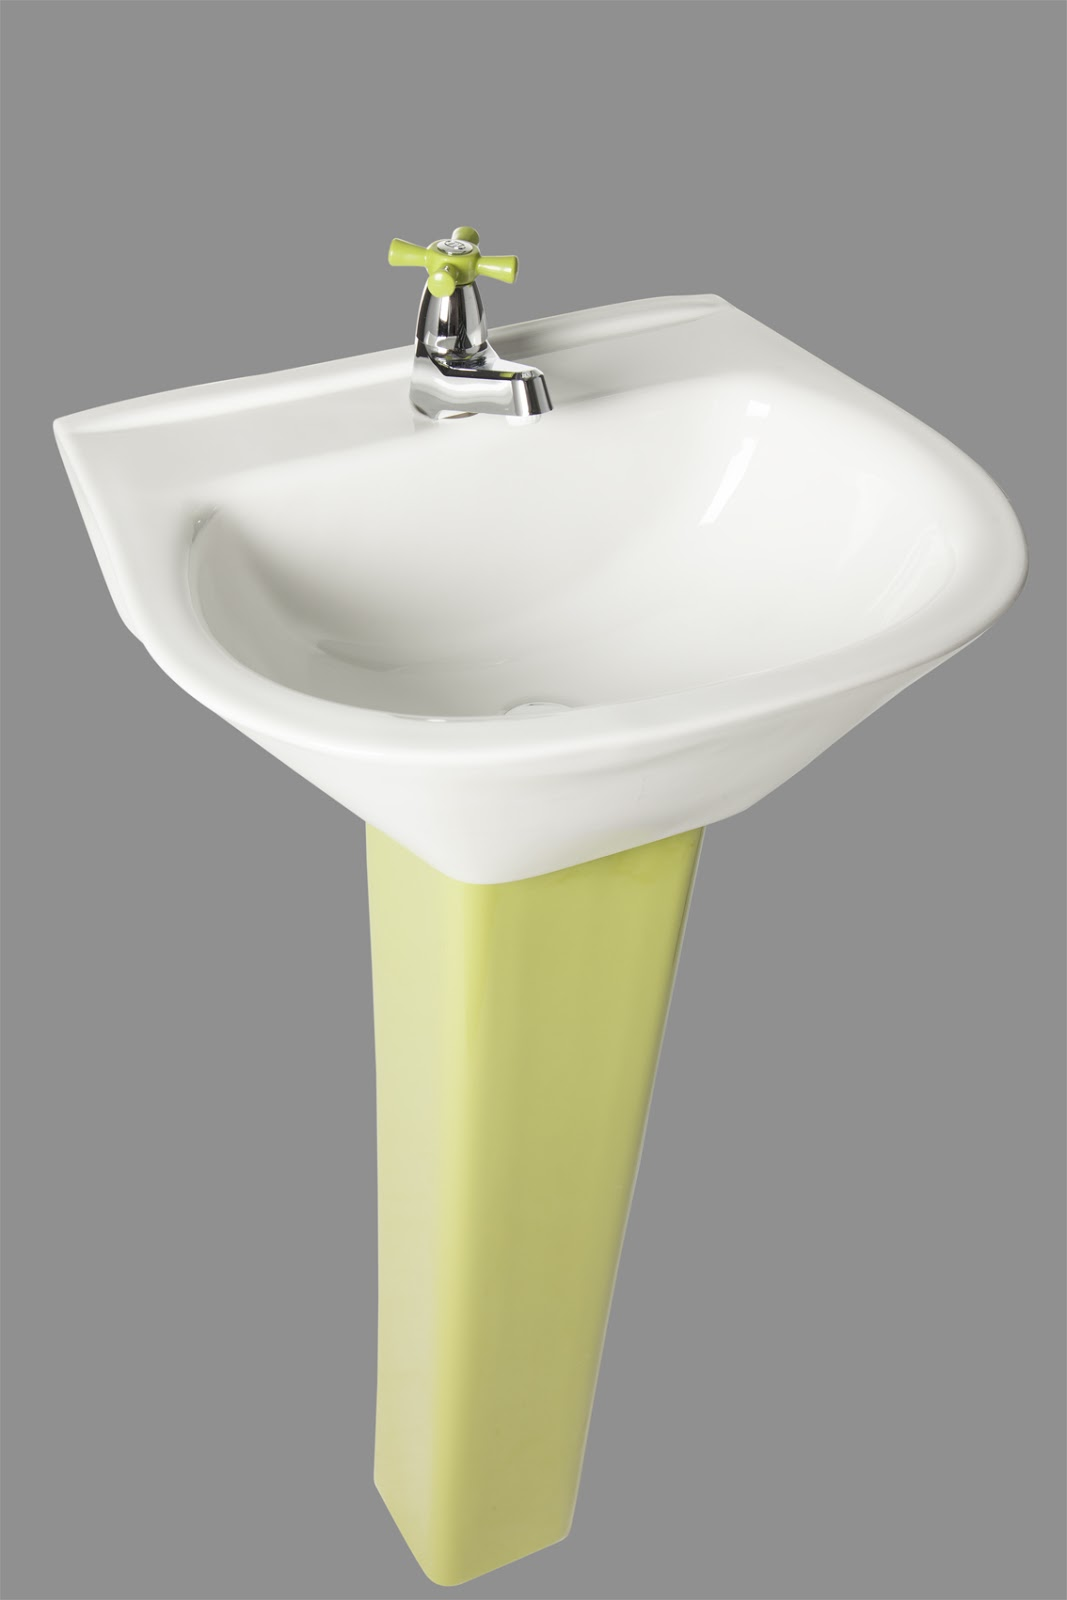 Servidor porcelana sanitaria lavamanos y pedestal bello for Porcelana sanitaria